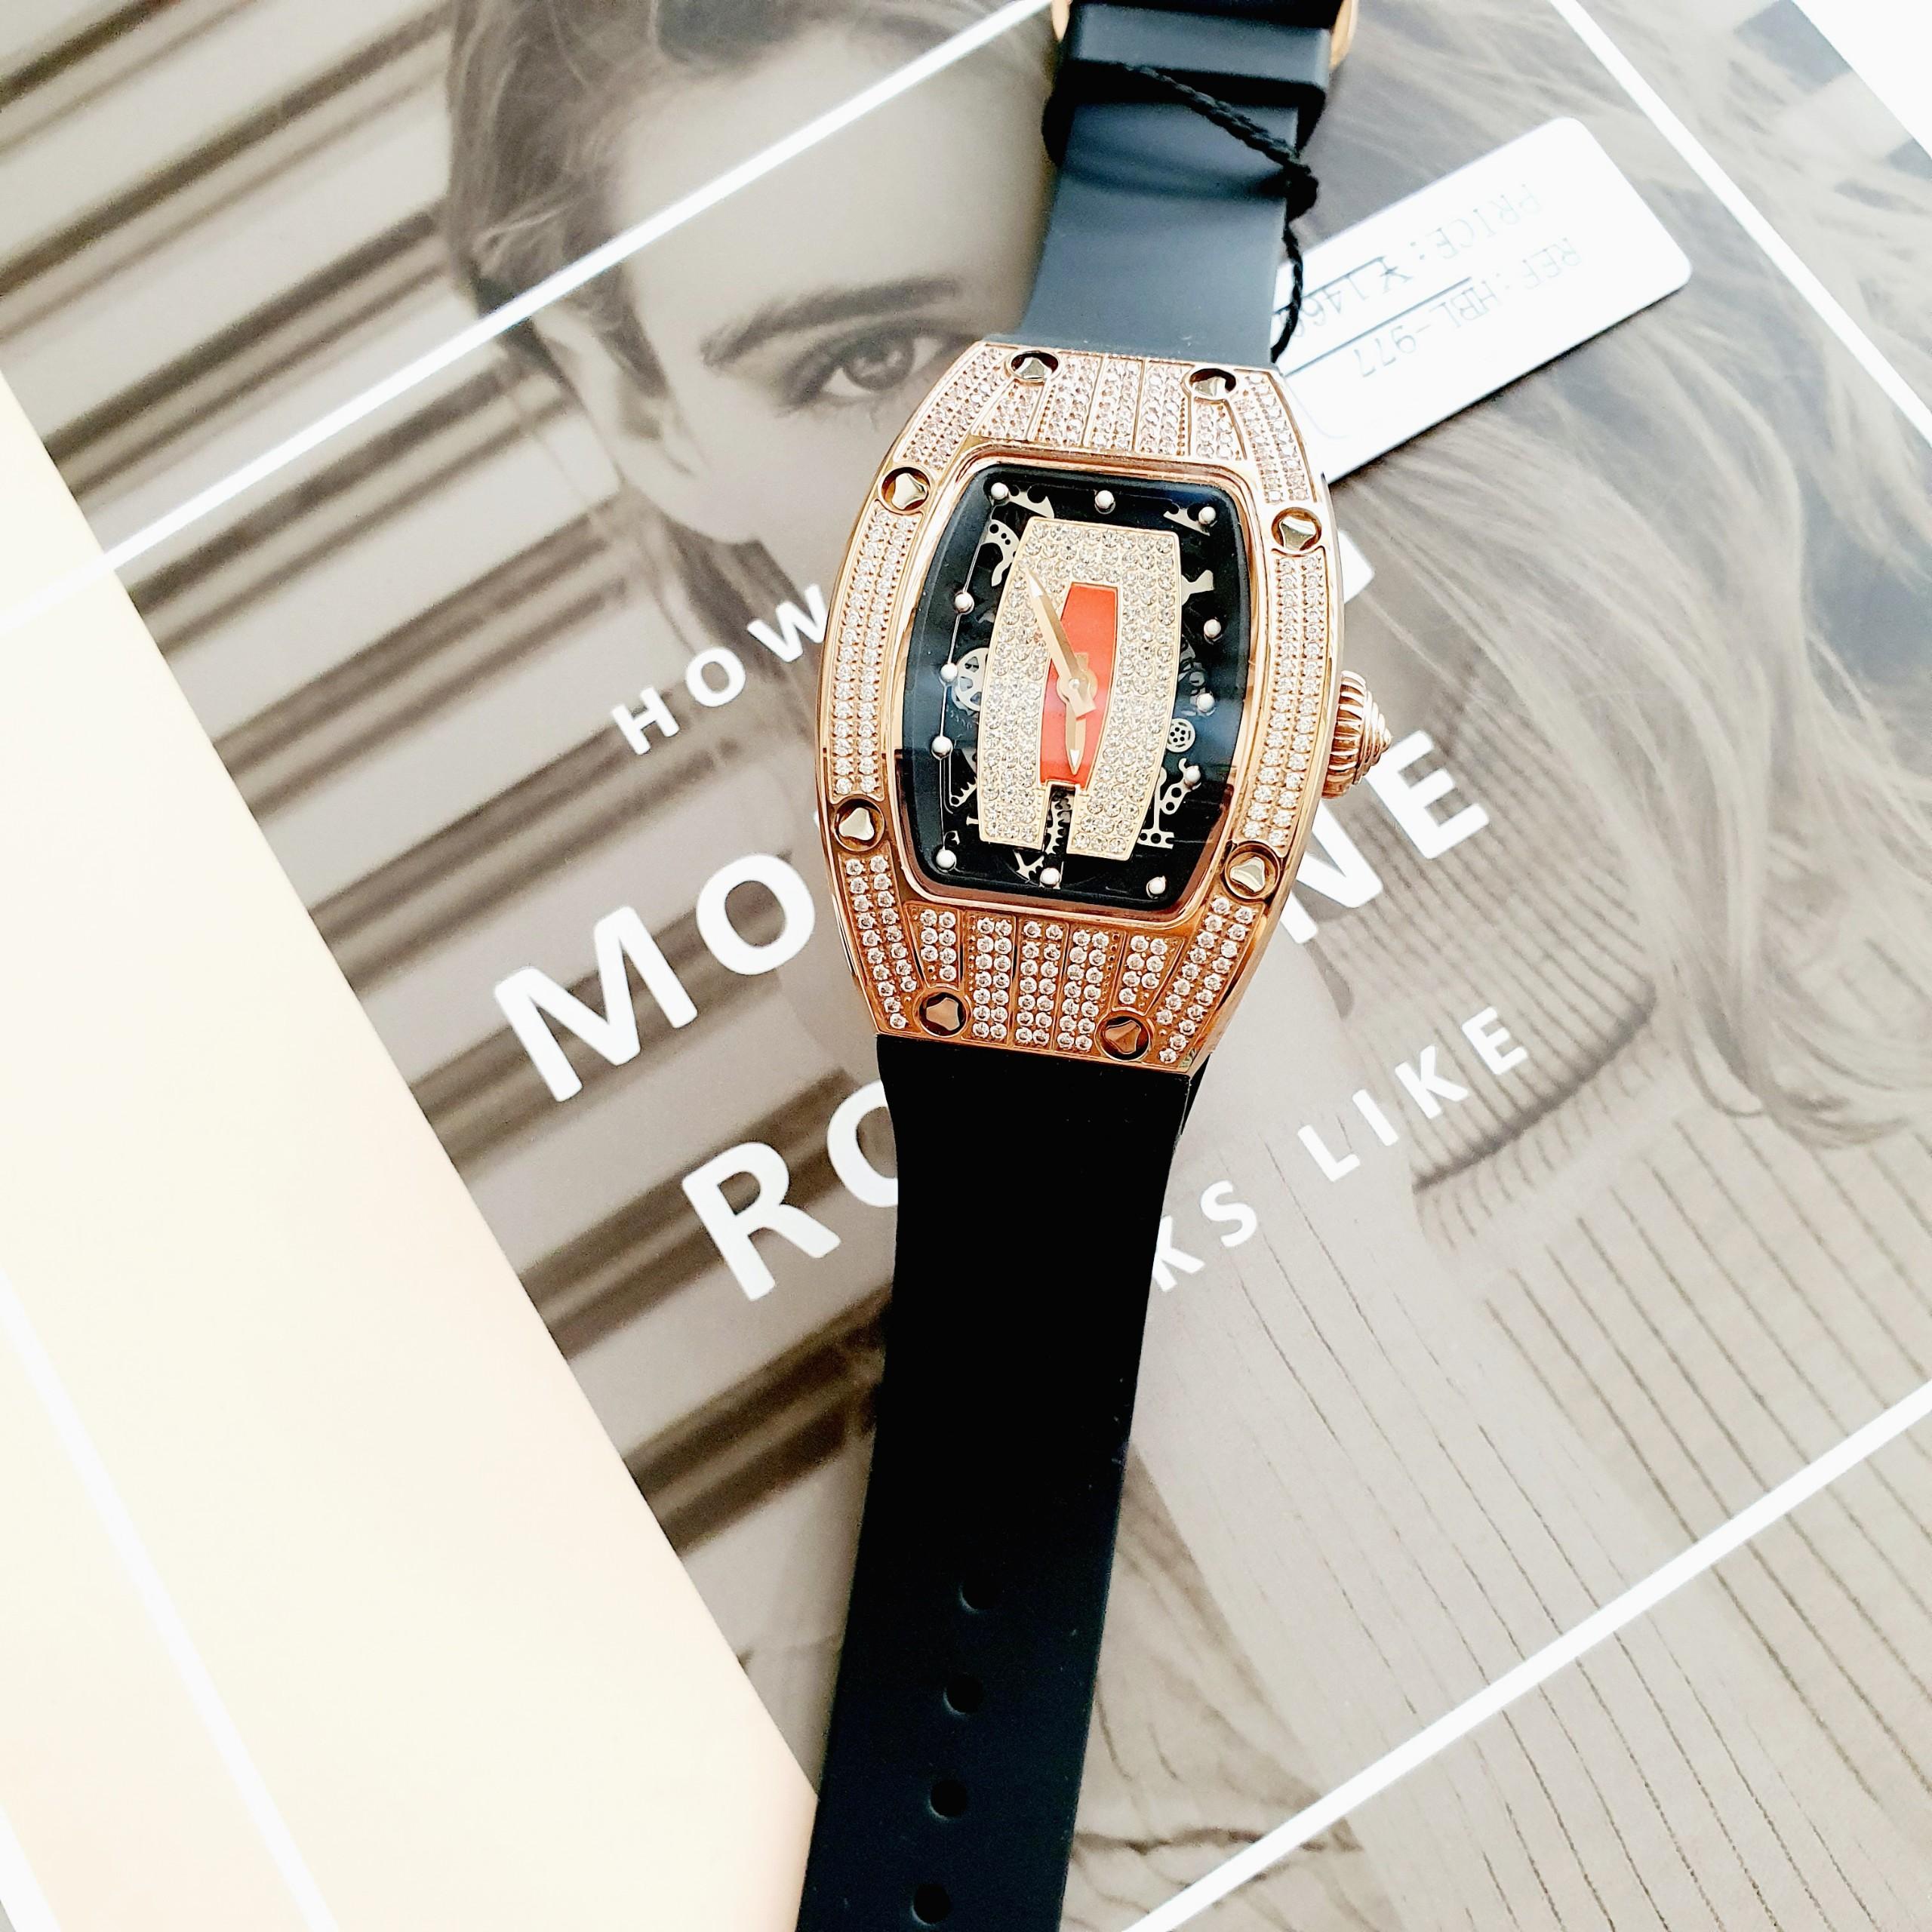 Tư vấn chọn mua đồng hồ giá thời trang tốt nhất